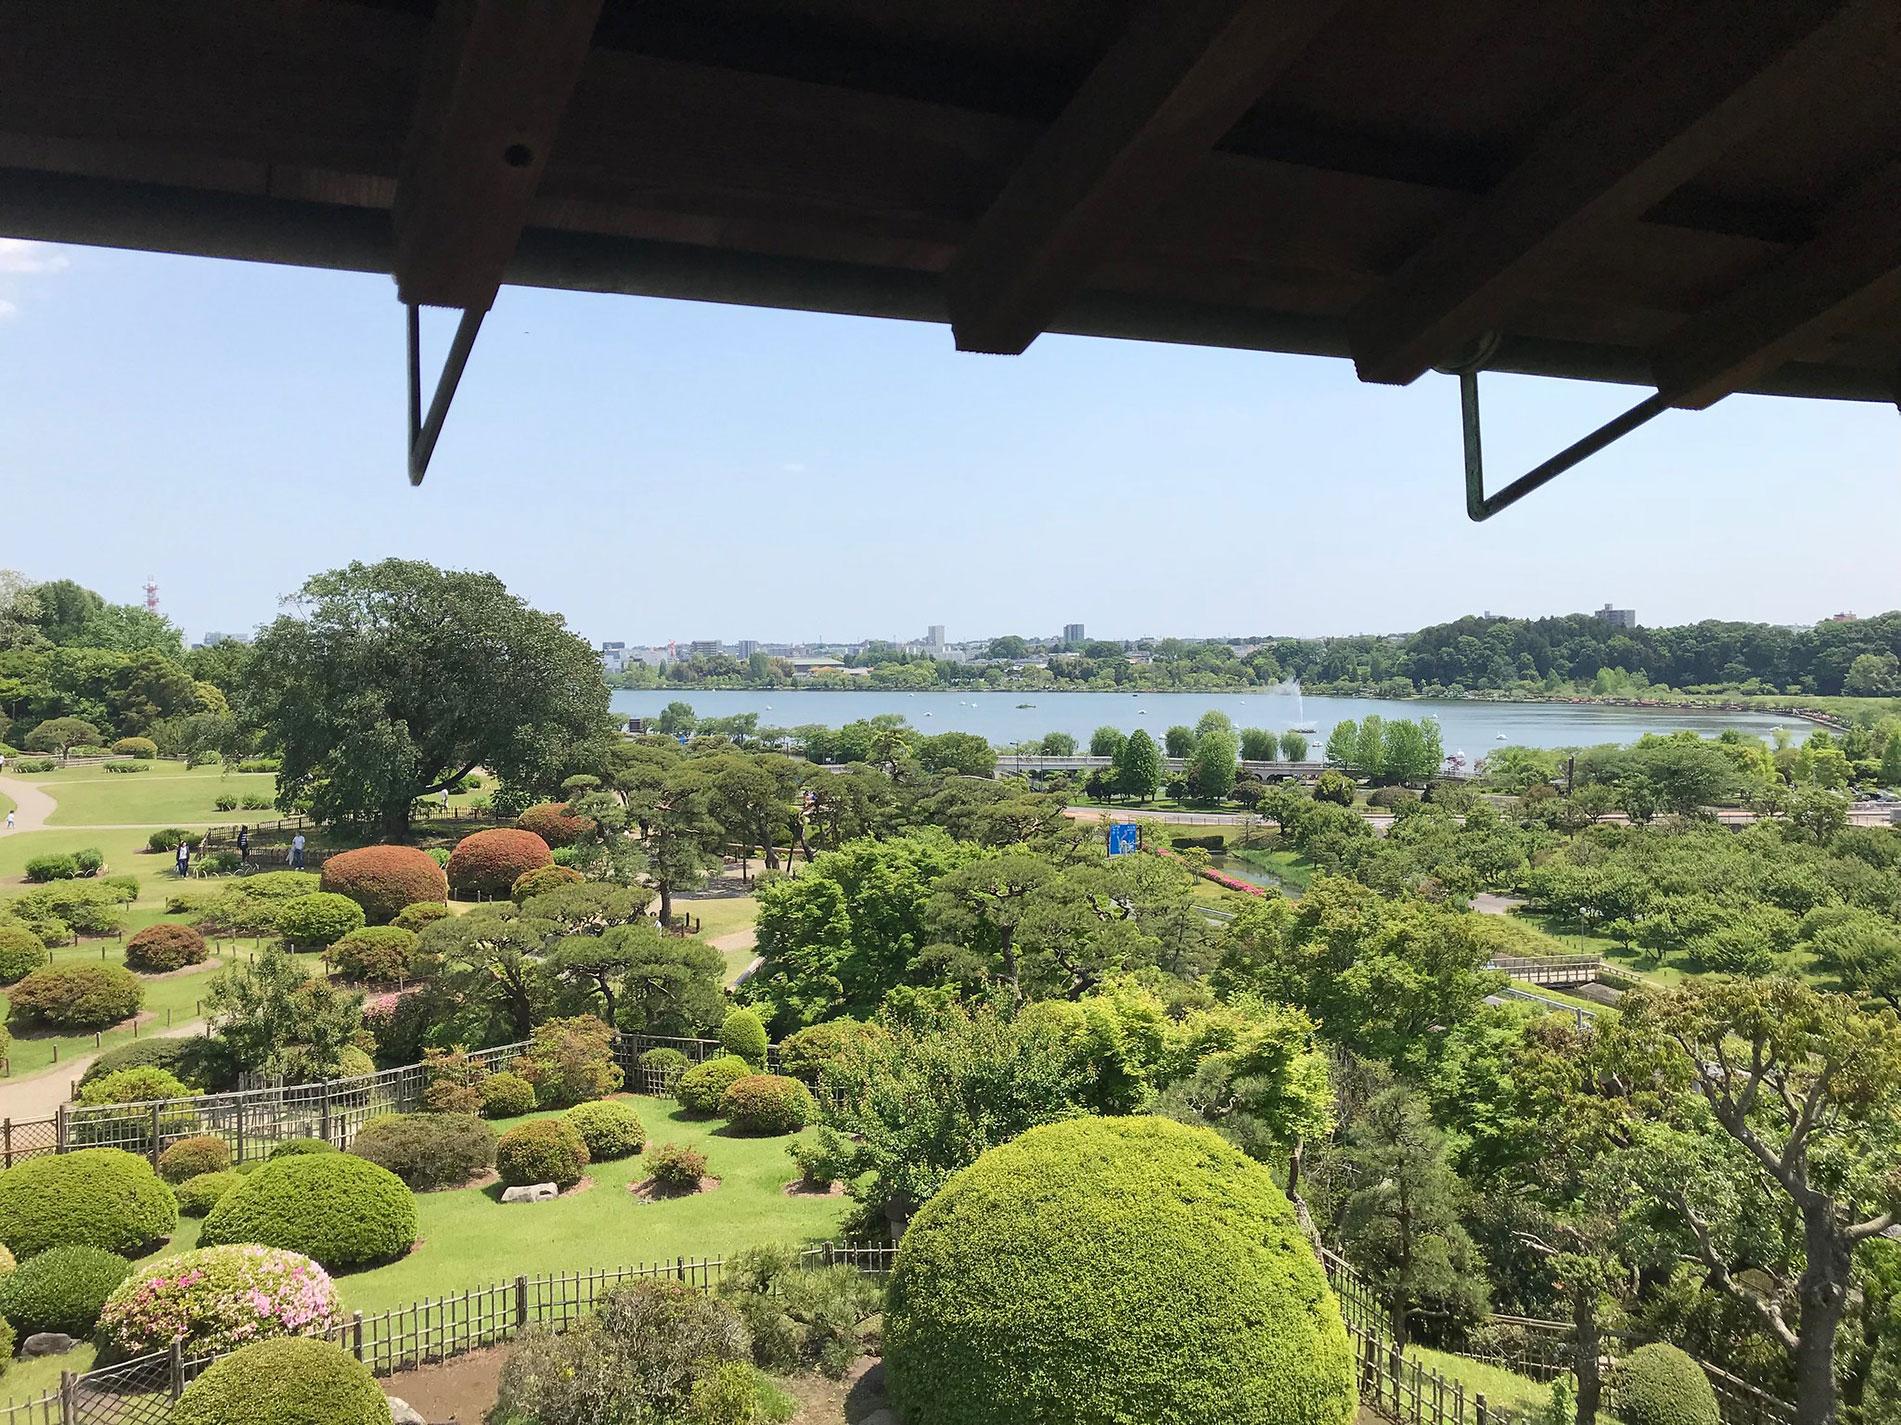 Eines der Gebäude im Kairaku-en Garten in Miro bietet eine fantastische 360°-Aussicht. (Foto: fri13th auf flickr https://flic.kr/p/2epW8EX CC BY 2.0)